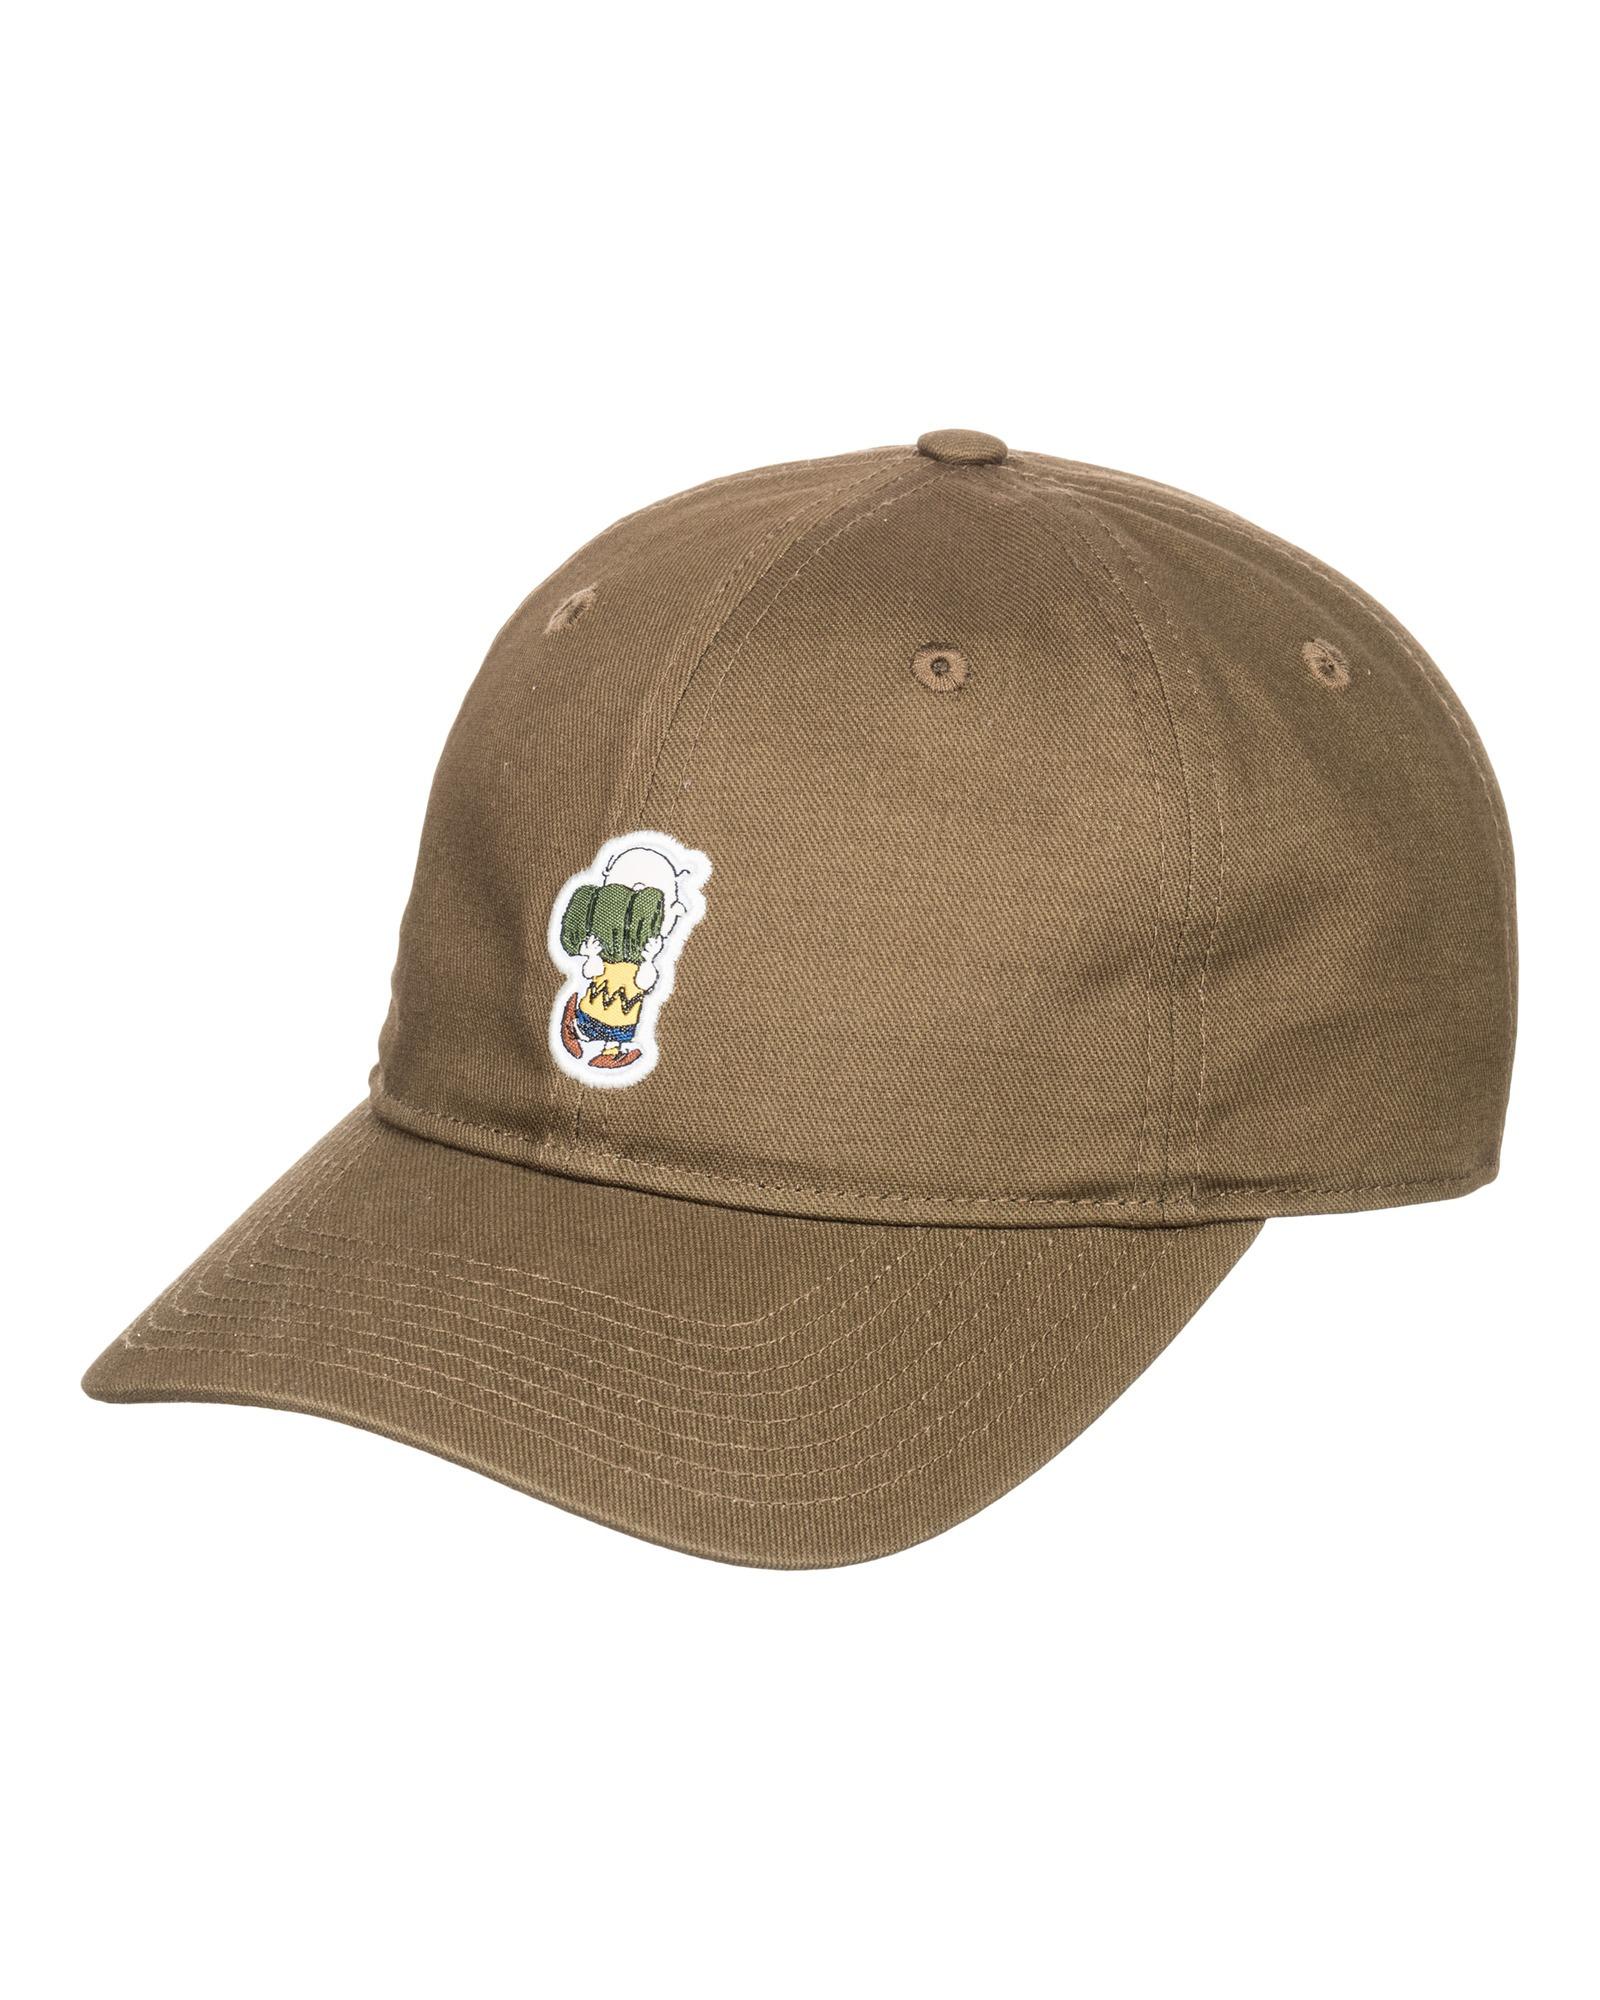 Element Peanuts cap